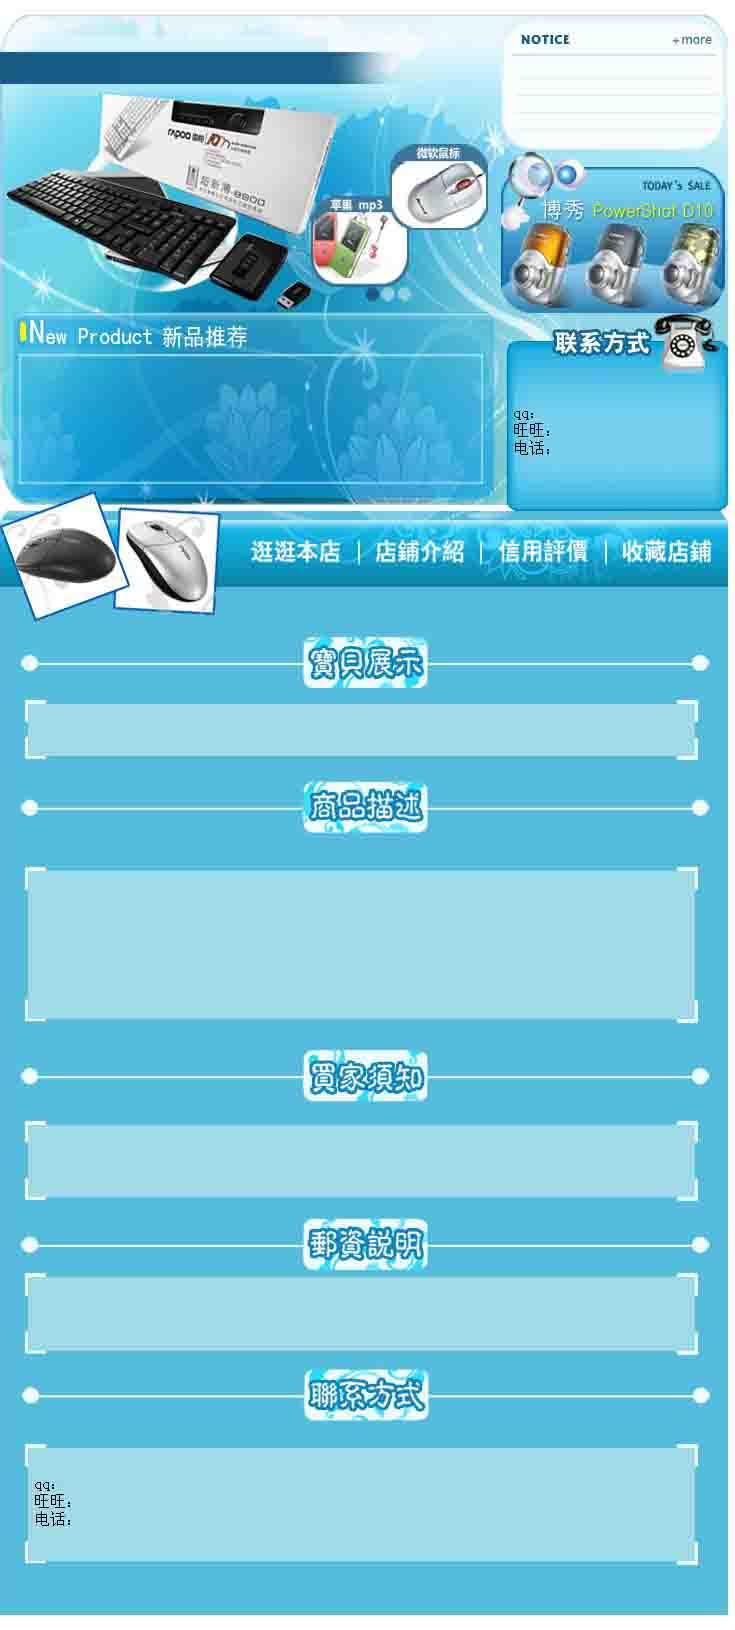 3G数码淘宝宝贝描述模板